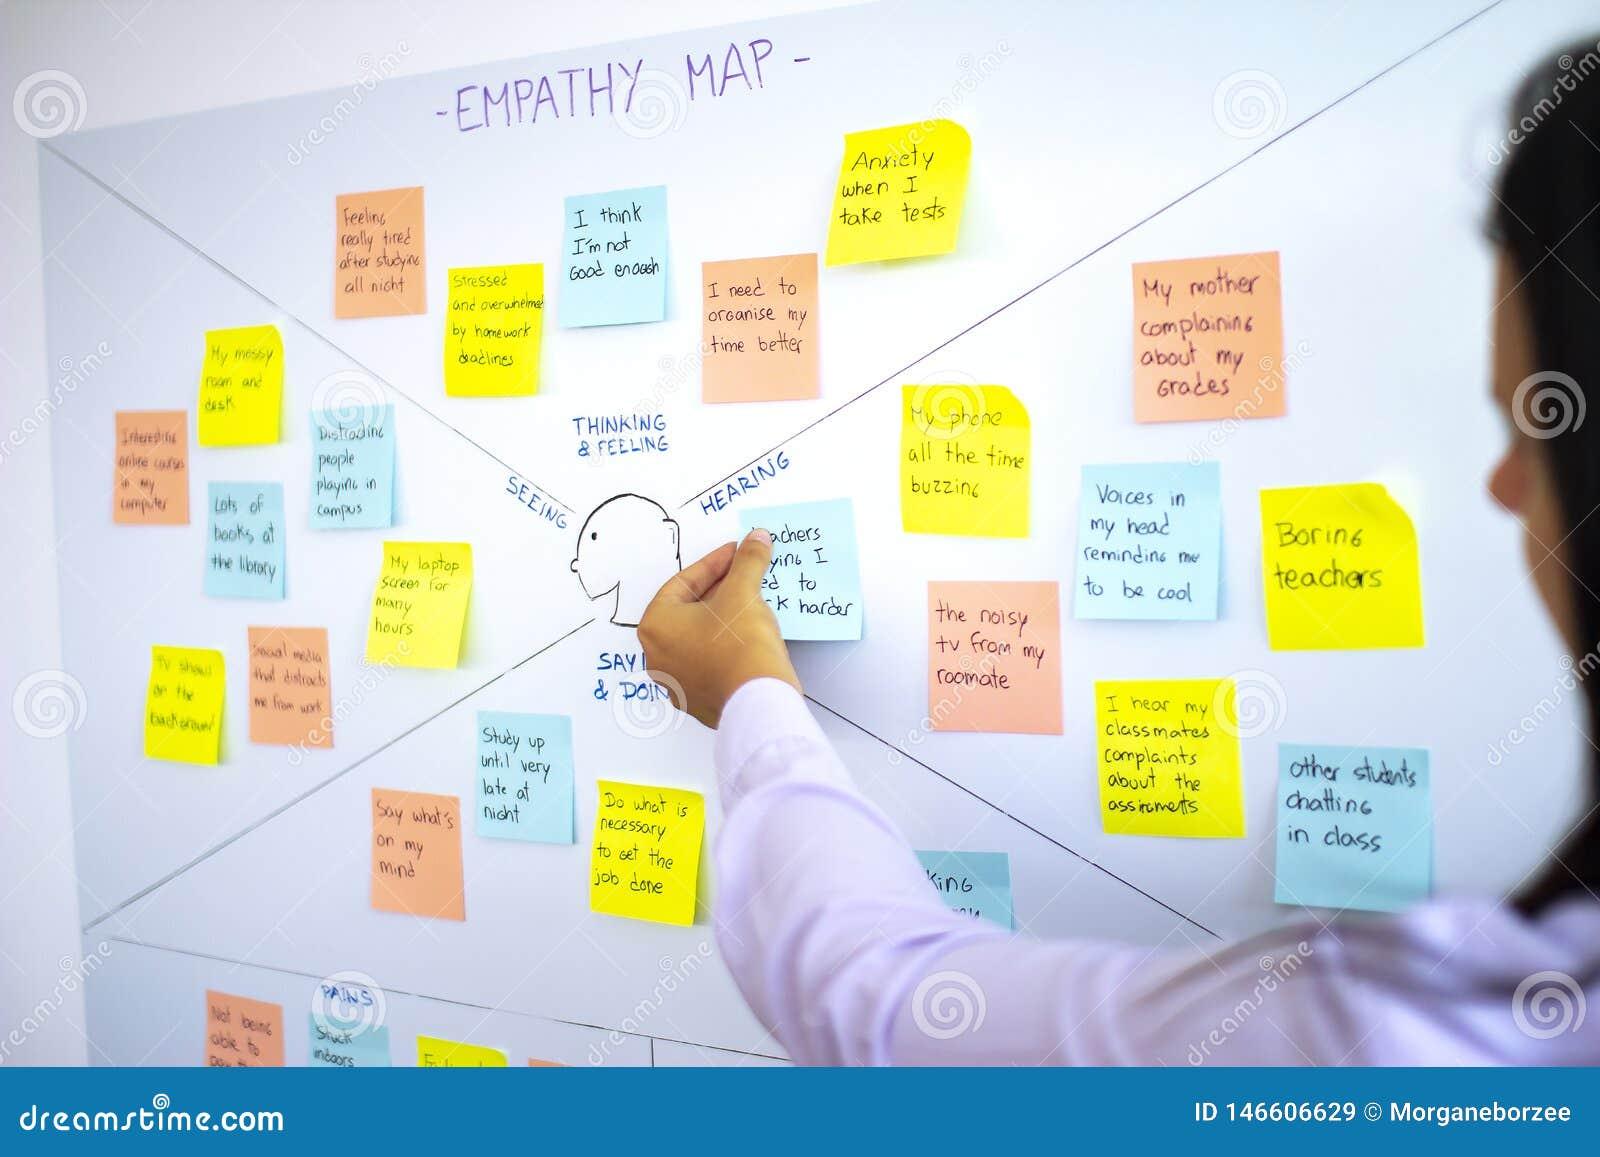 ?e?ska klejenie poczta ja w empatii mapie, u?ytkownika do?wiadczenia ux metodologii i projekt my?l?cej technice,